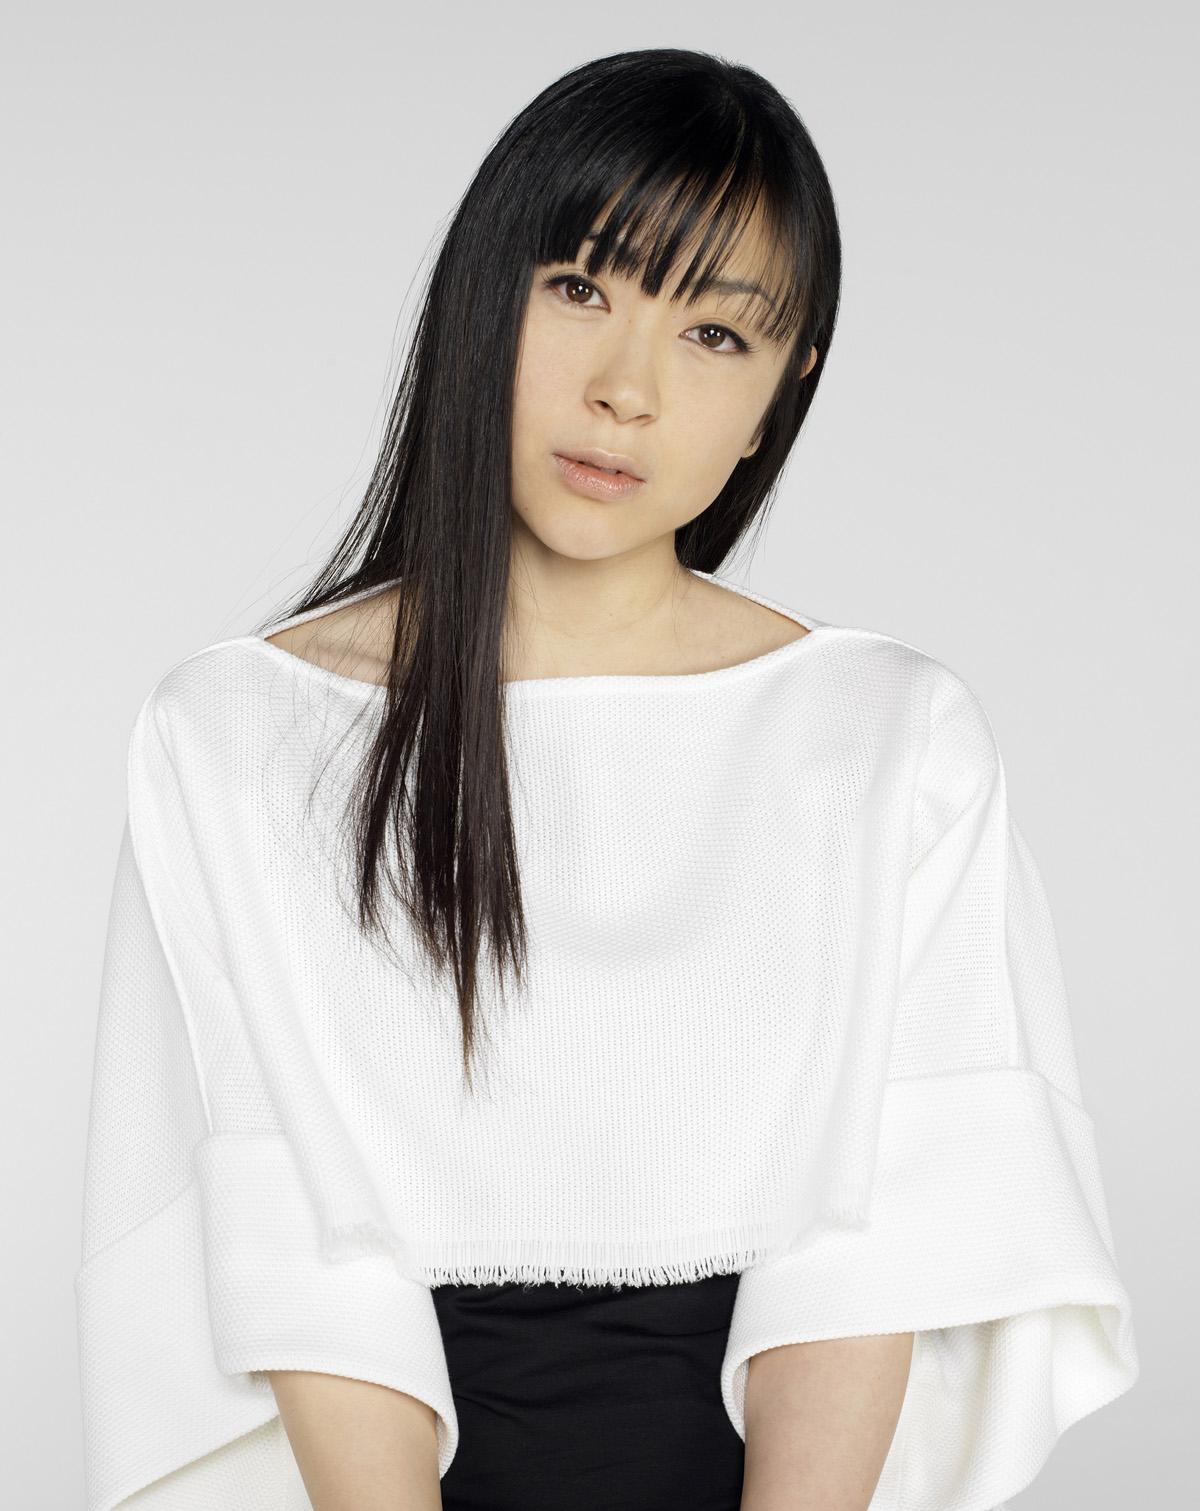 NekoPOP-Utada-Hikaru-6th-album-announce-2